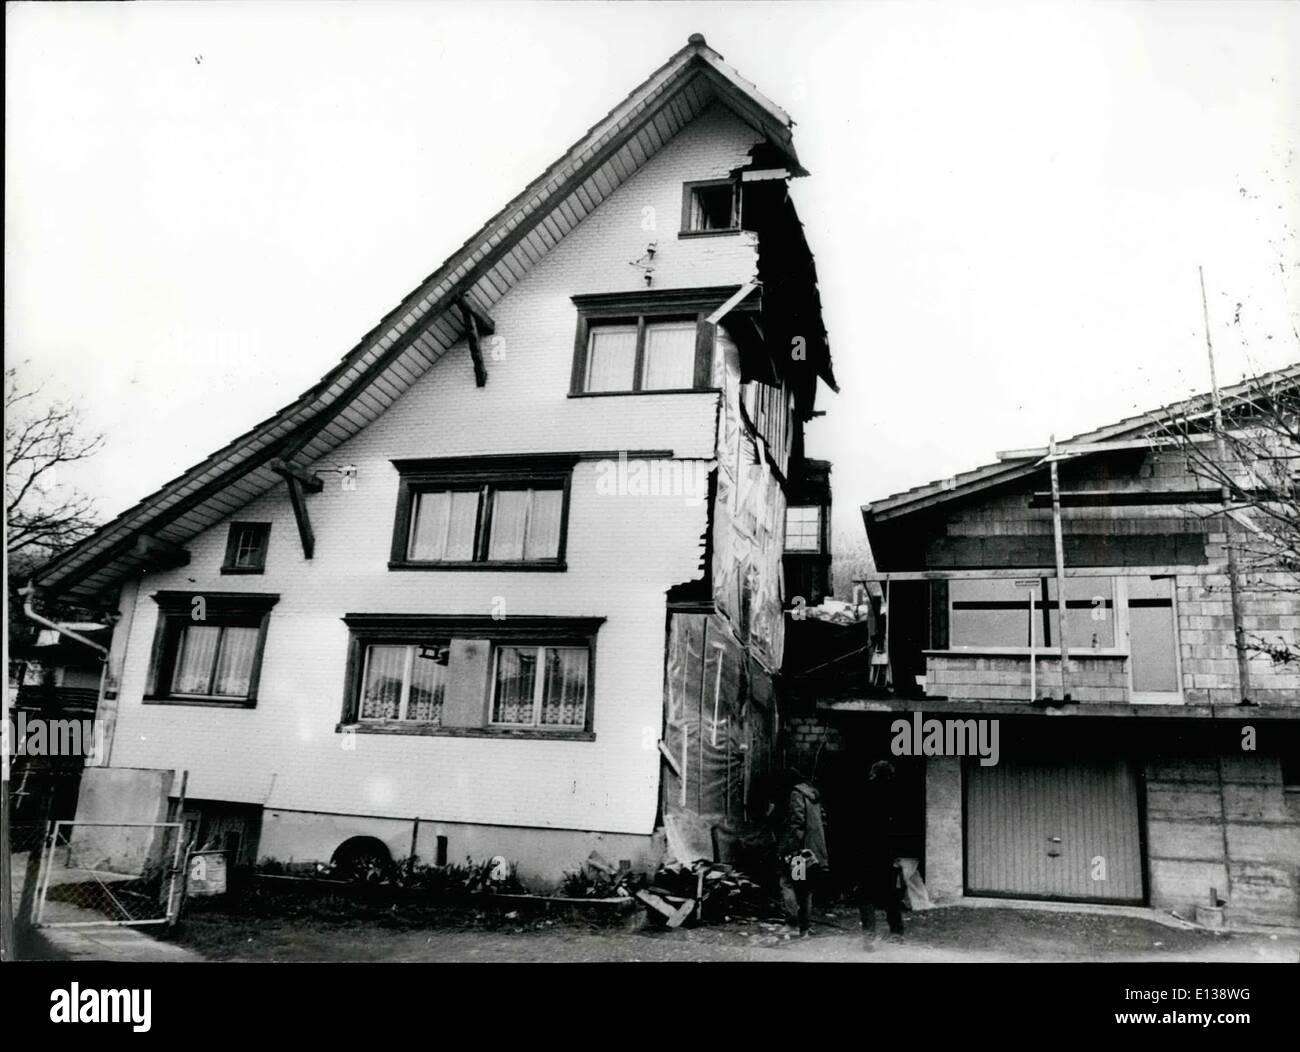 29 février 2012 - La moitié de la moitié de l'ancien et nouveau: pendant qu'ils construisent leur nouvelle maison Banque D'Images